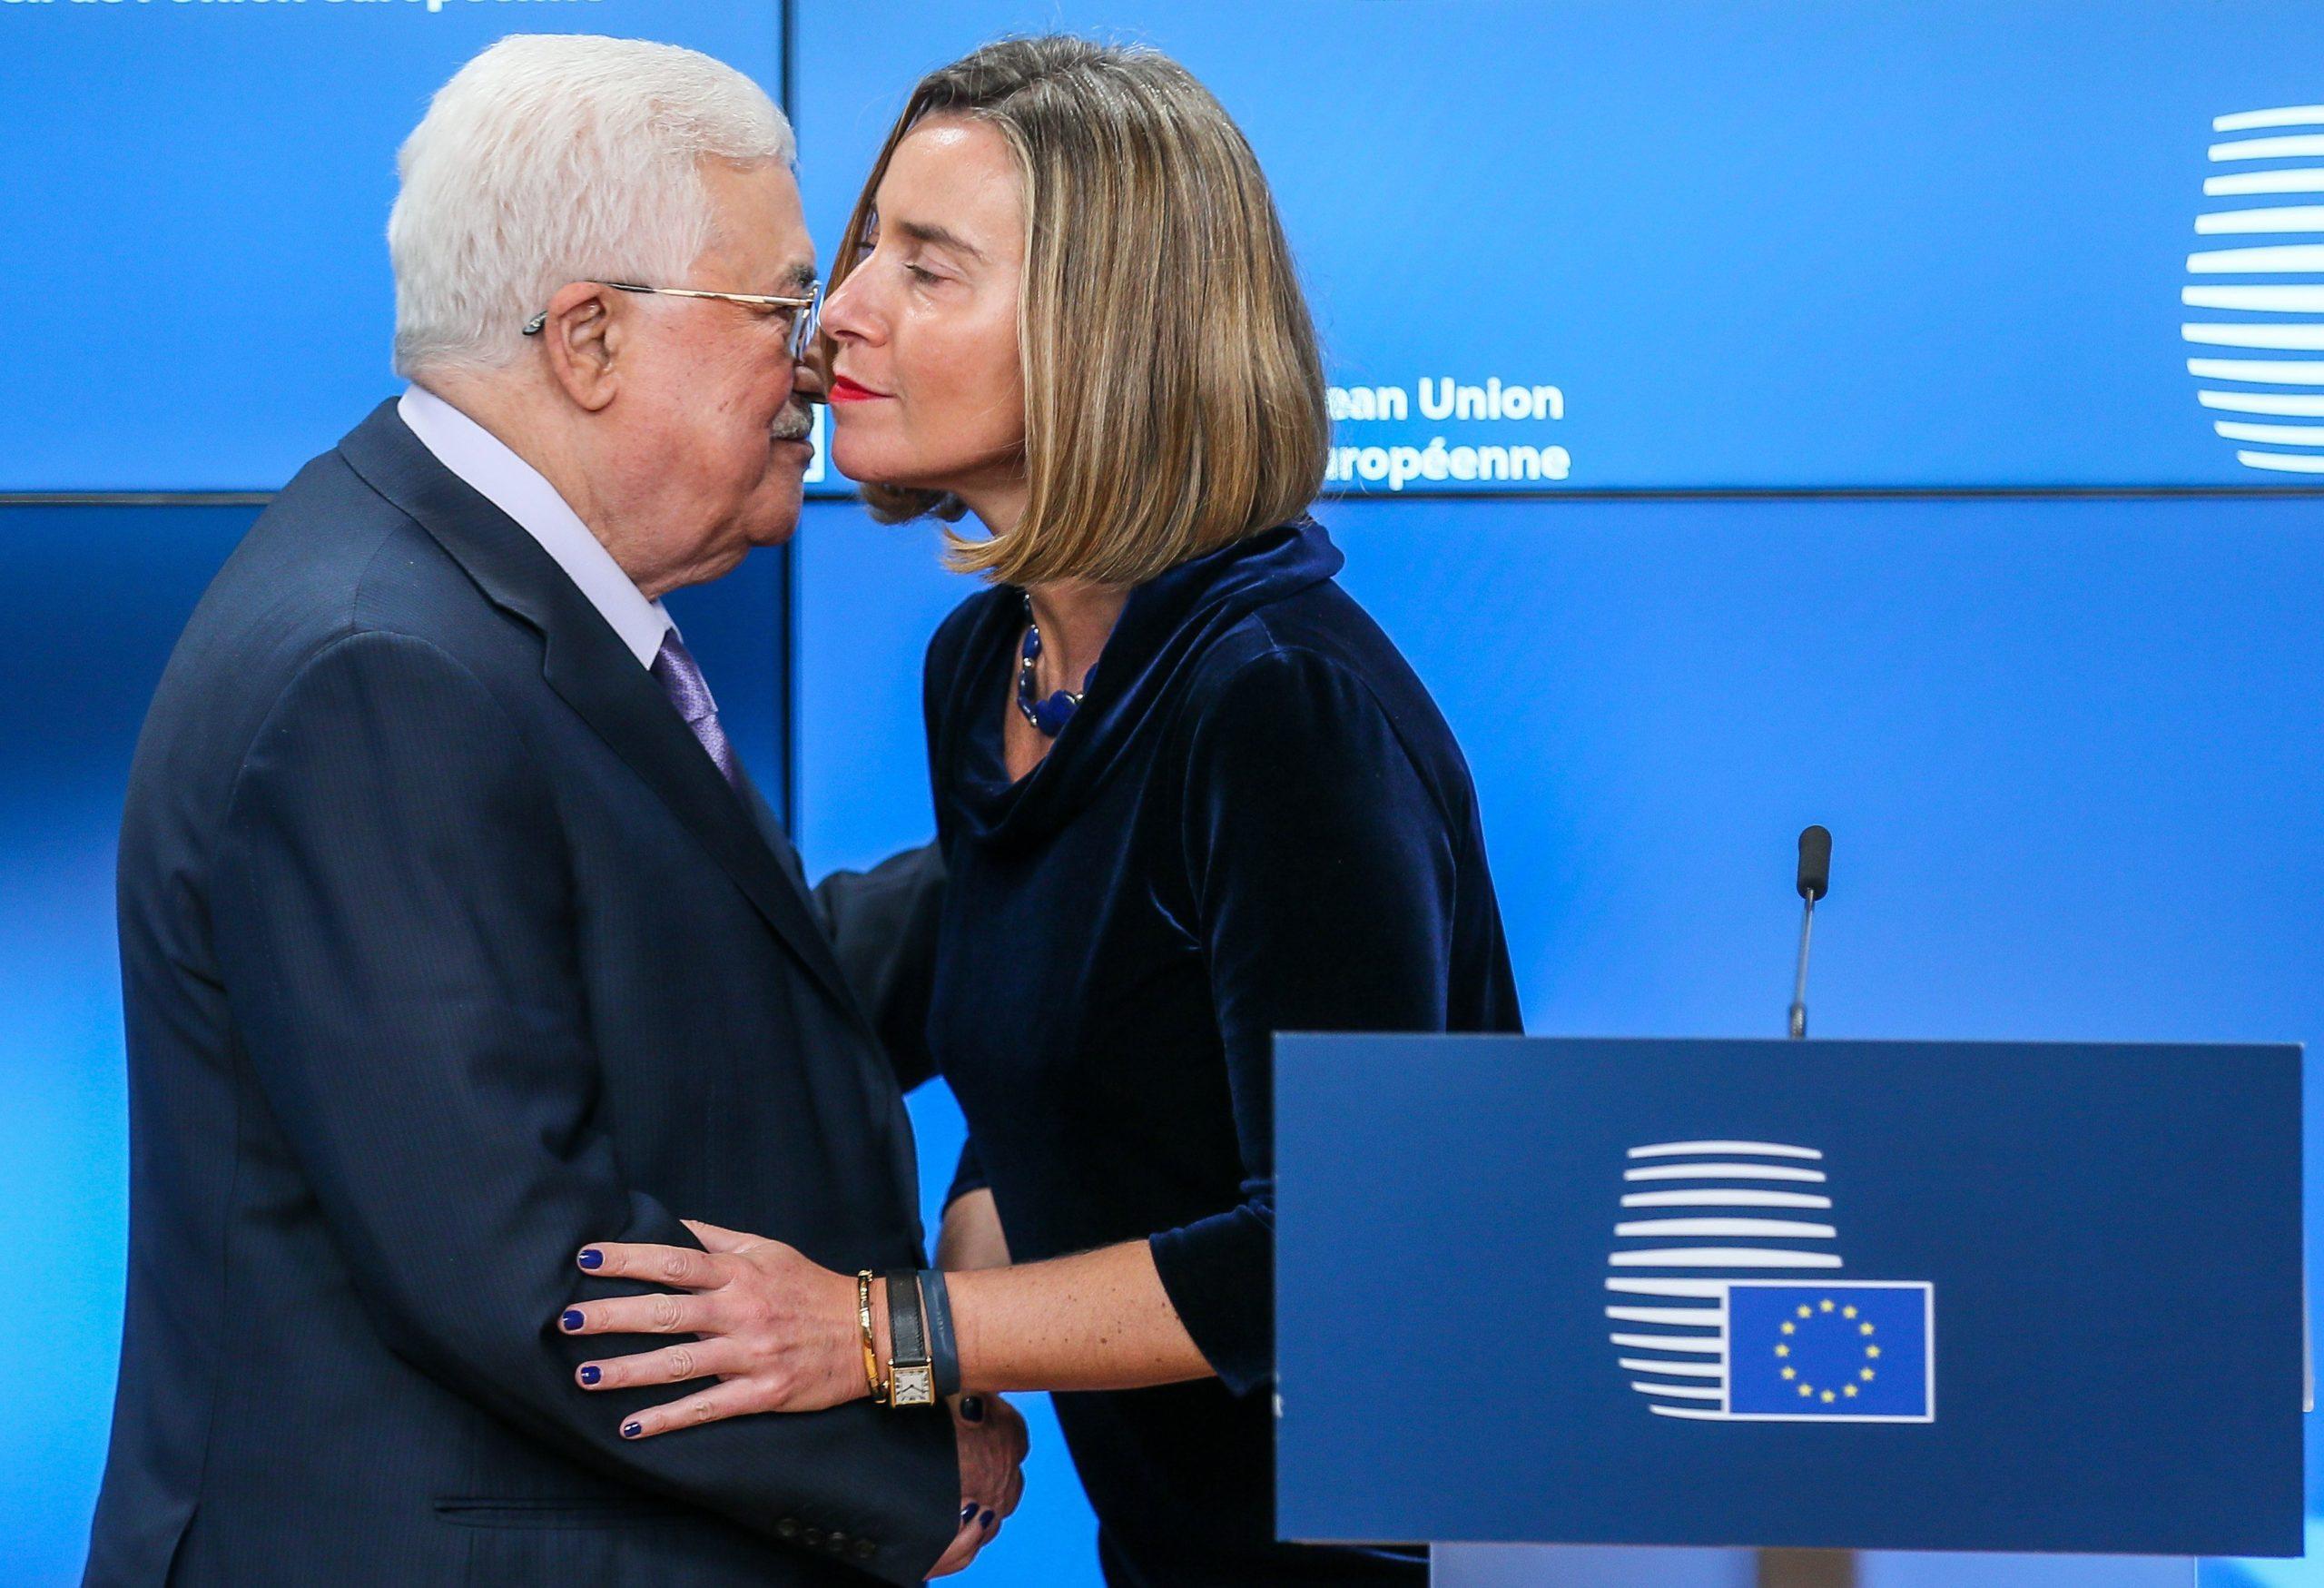 Van, amikor tényleg meg kell állítani Brüsszelt